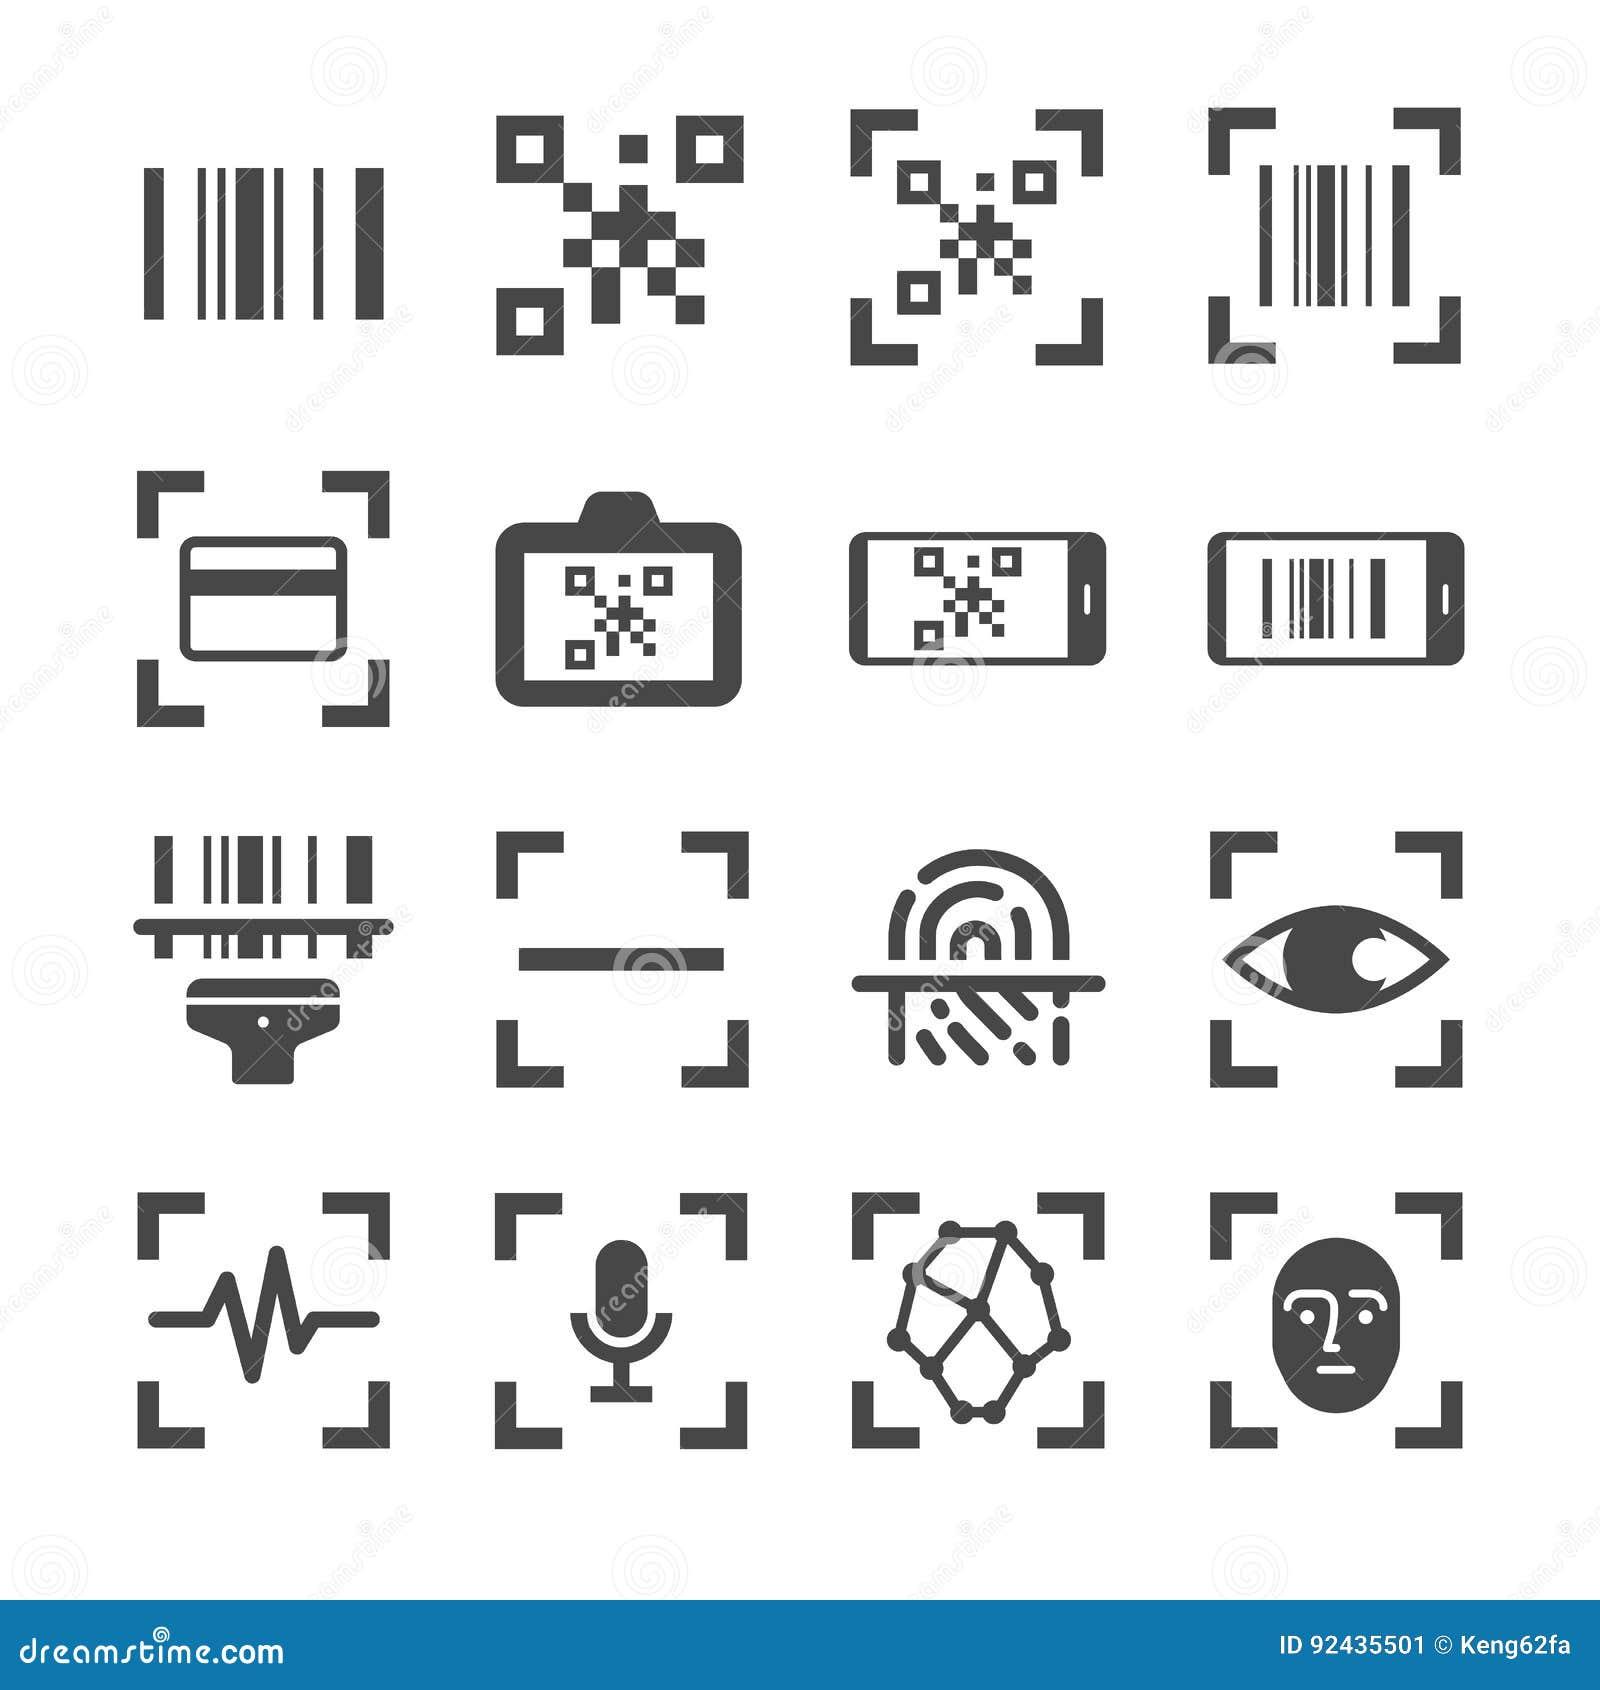 Qr kodu przeszukiwacza i prętowego kodu obrazu cyfrowego wektor wykłada ikona set Zawrzeć ikony jako qr kod, prętowy kod, przeszu